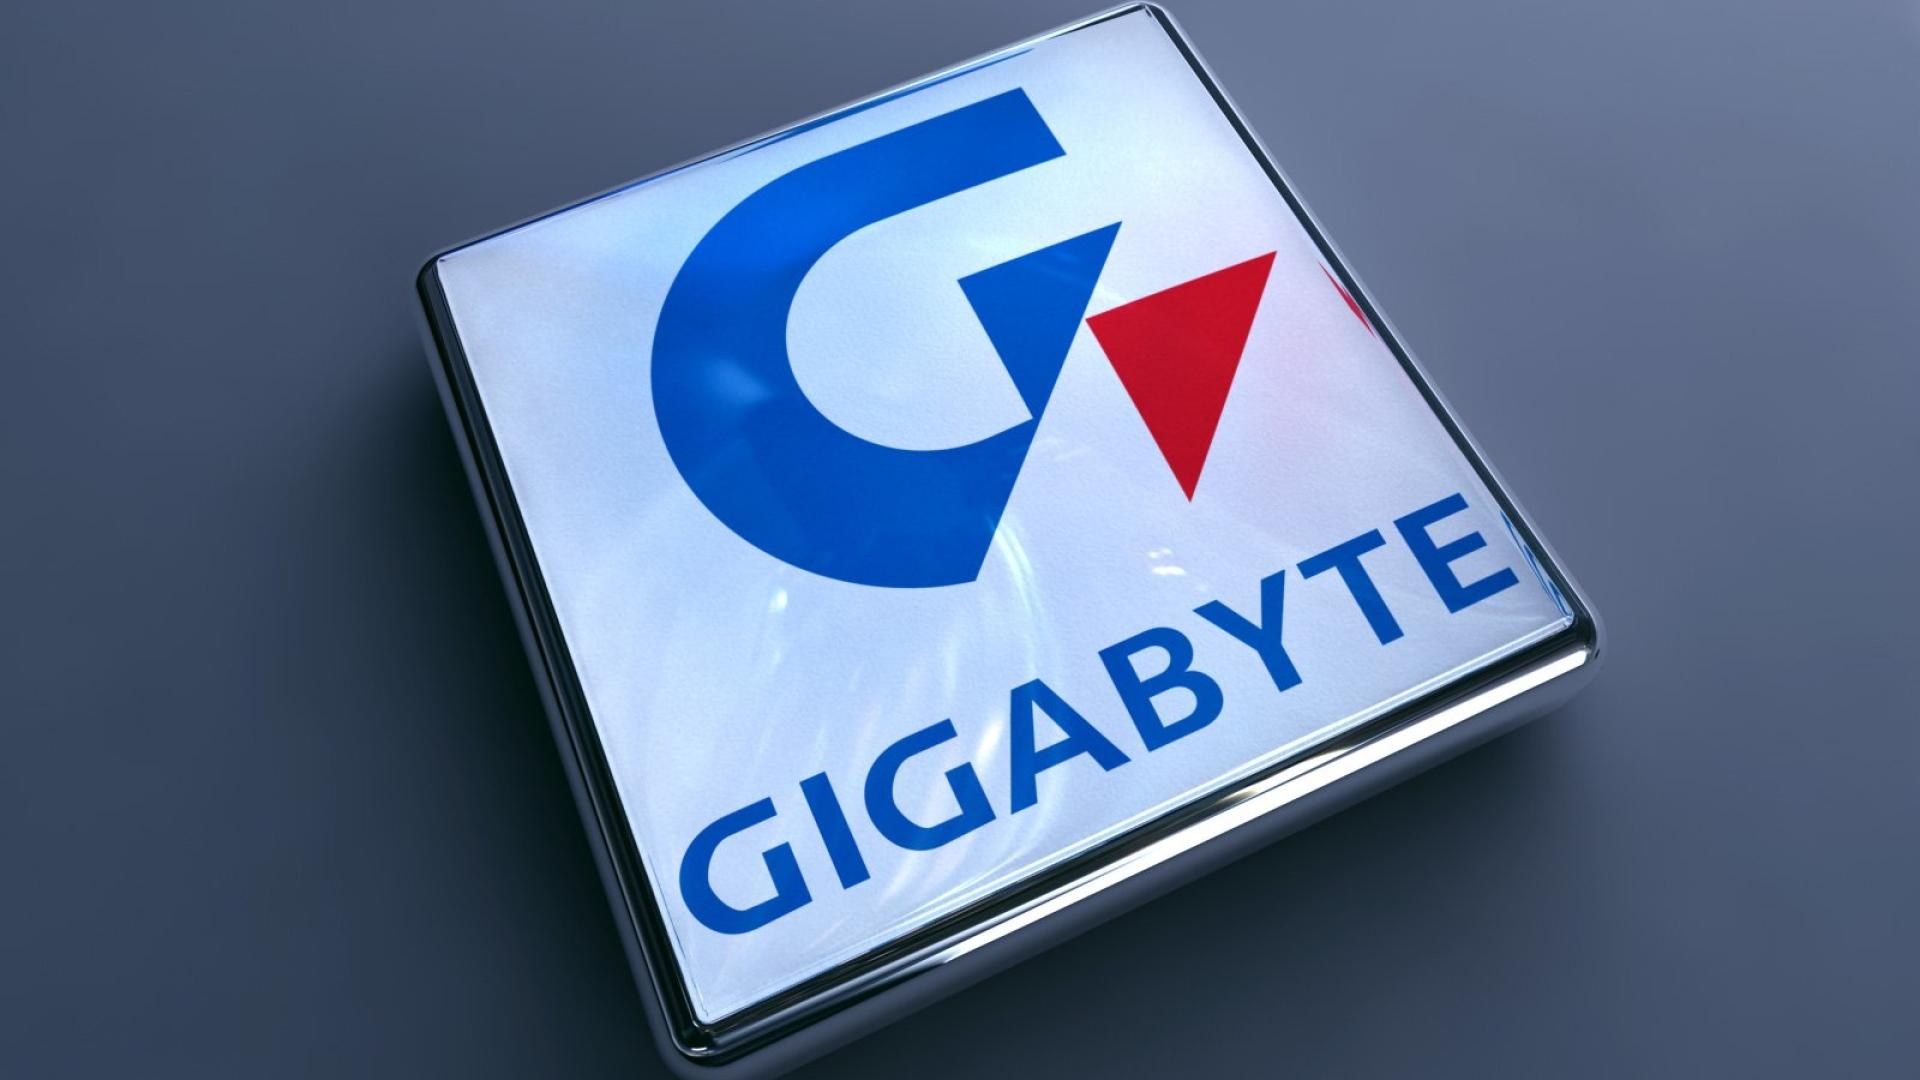 Gigabyte Theme - Imagem 1 do software